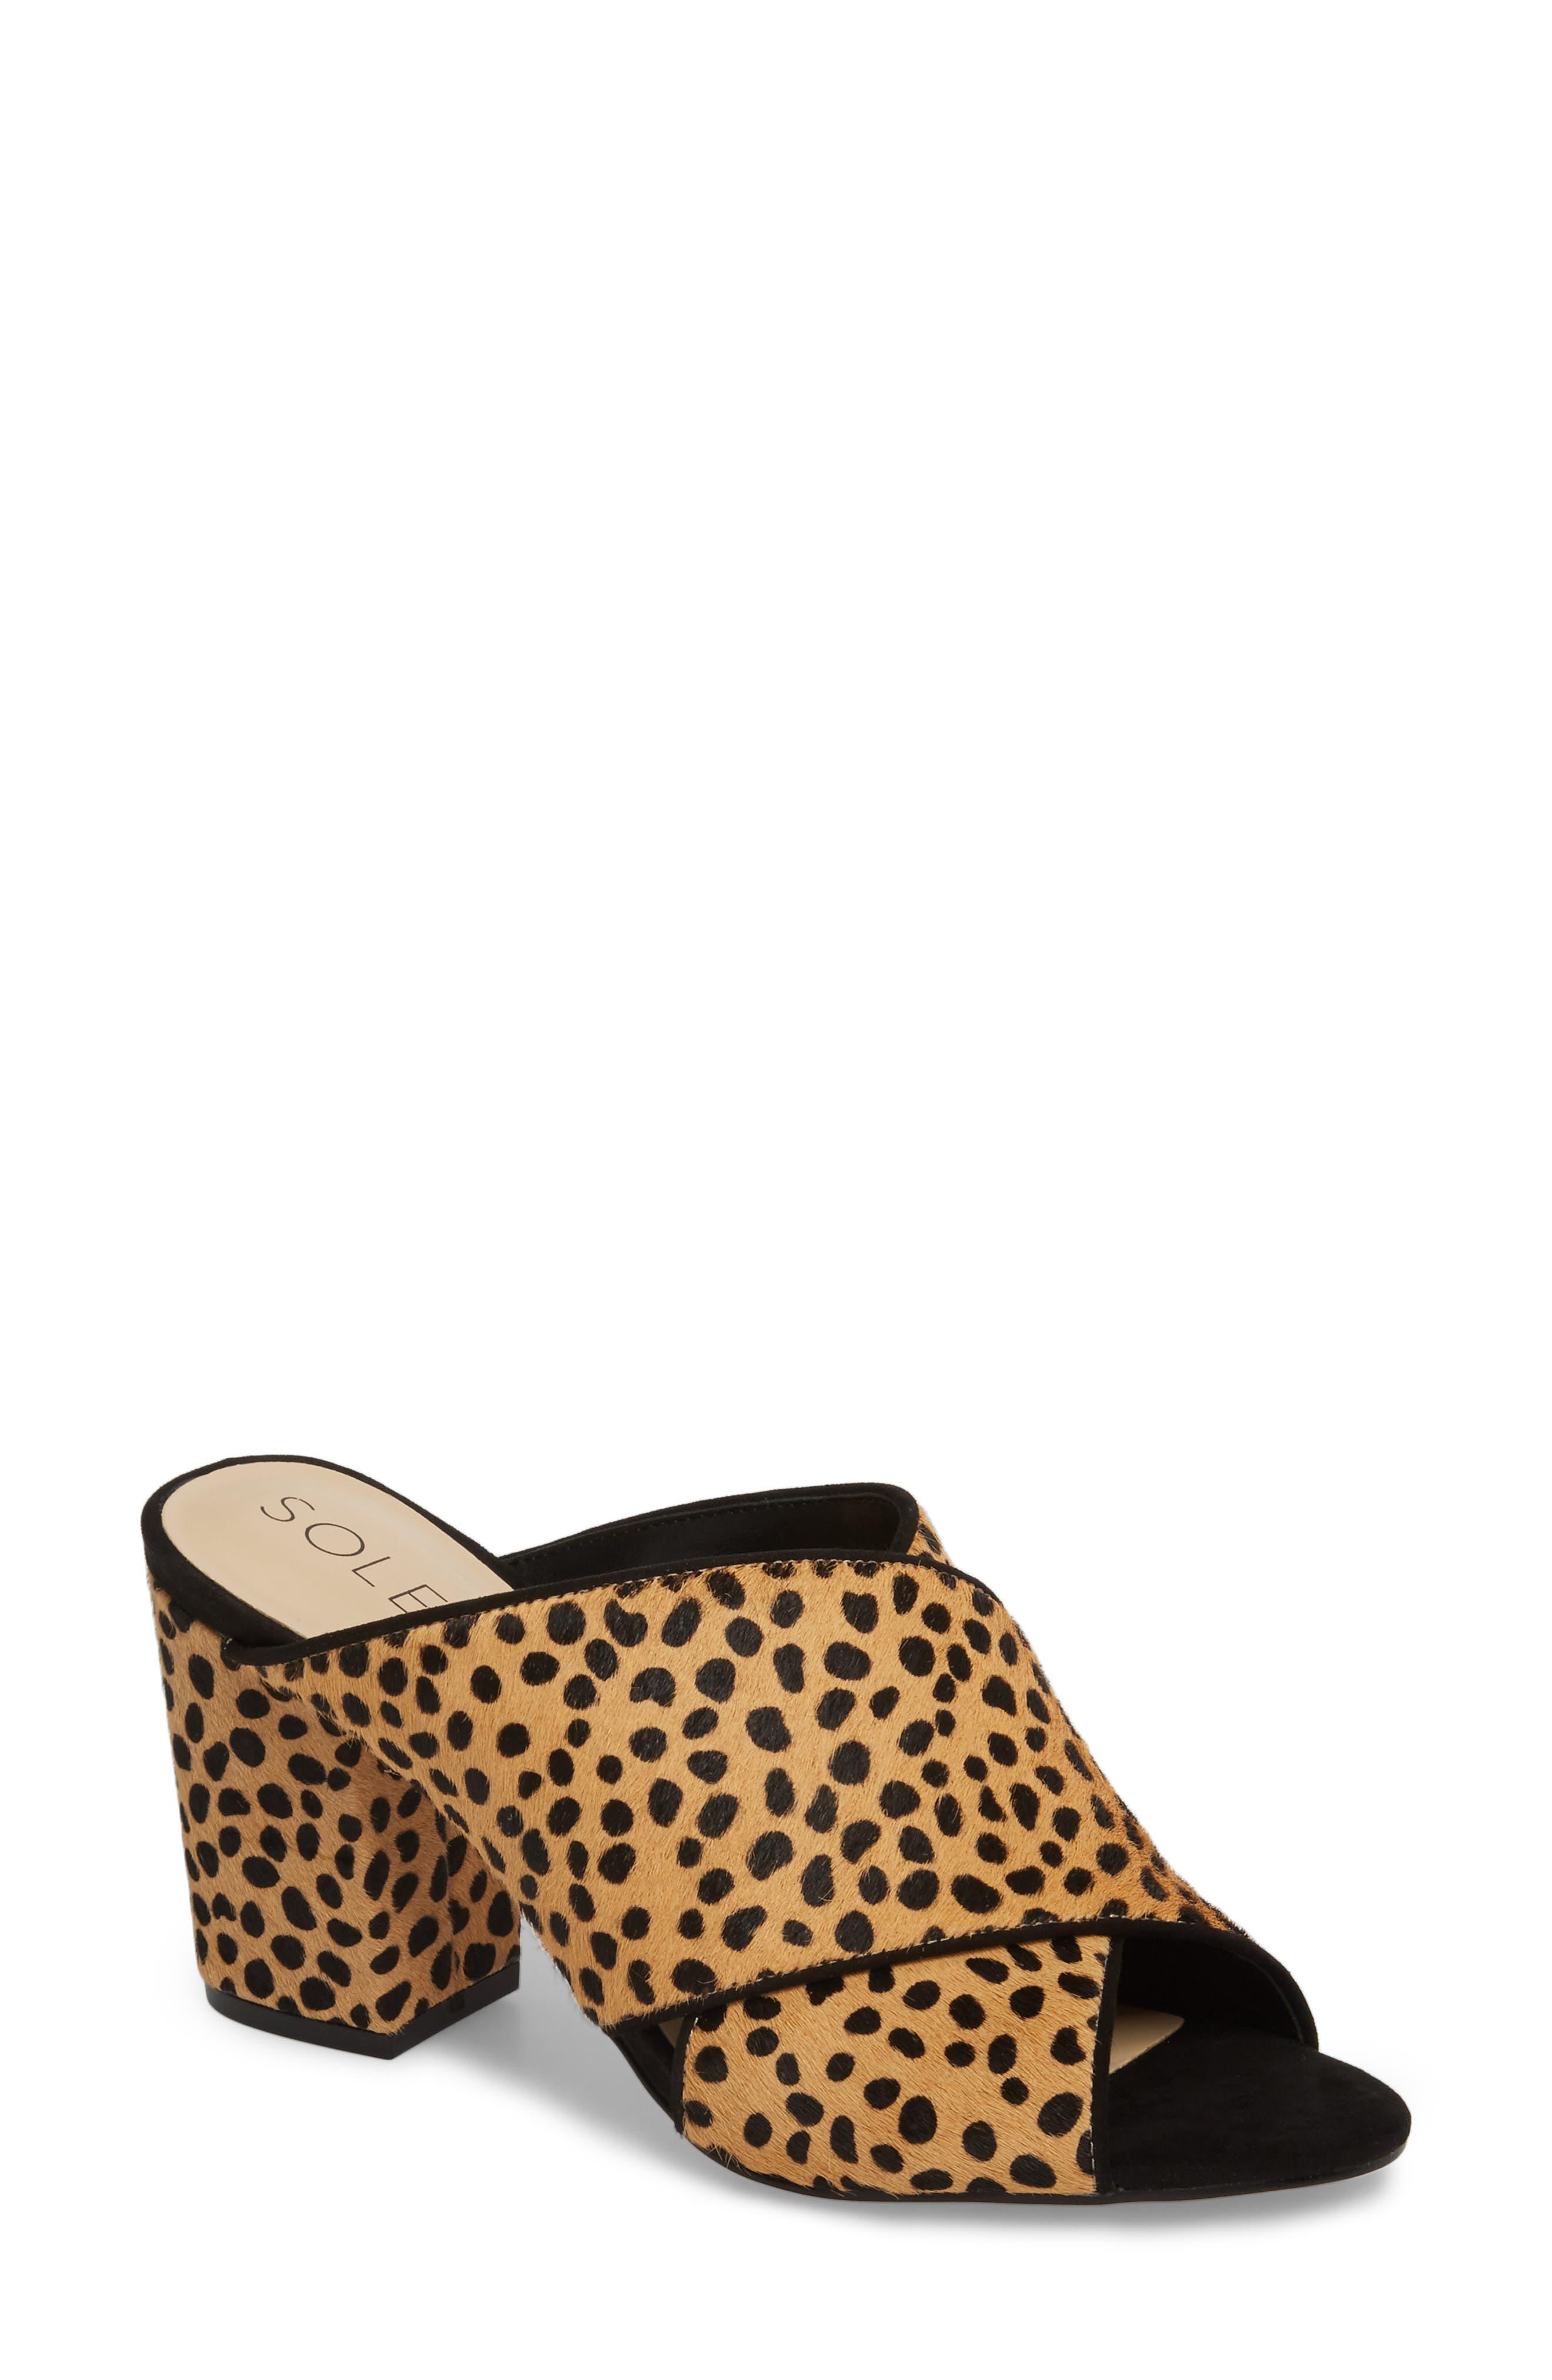 Luella Genuine Calf Hair Slide,                         Main,                         color, Cheetah Dot Haircalf